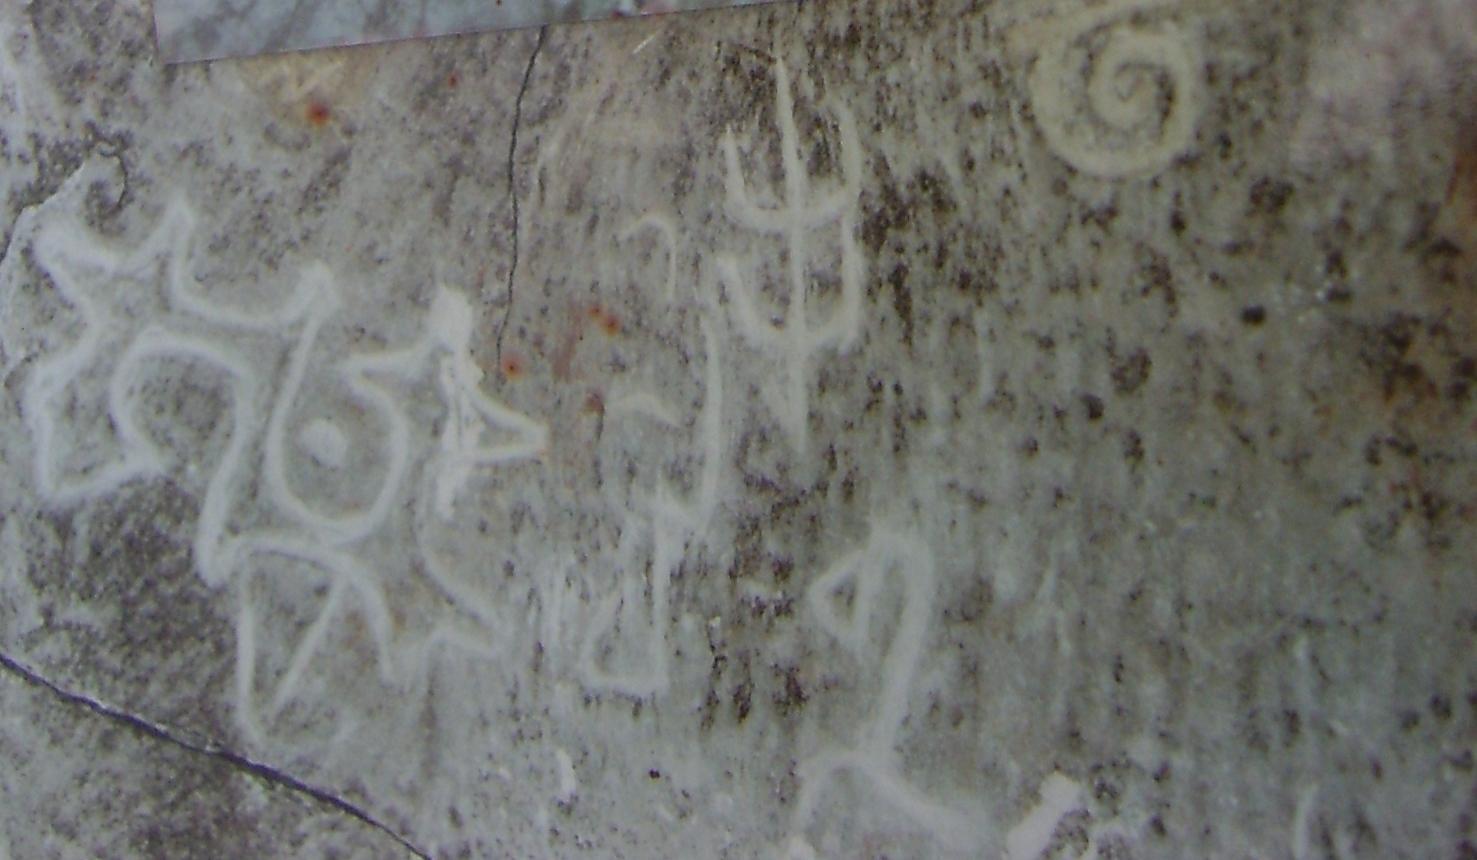 Un cerrito de Petróglifos Verdadero tesoro en Piedras 2cor1om